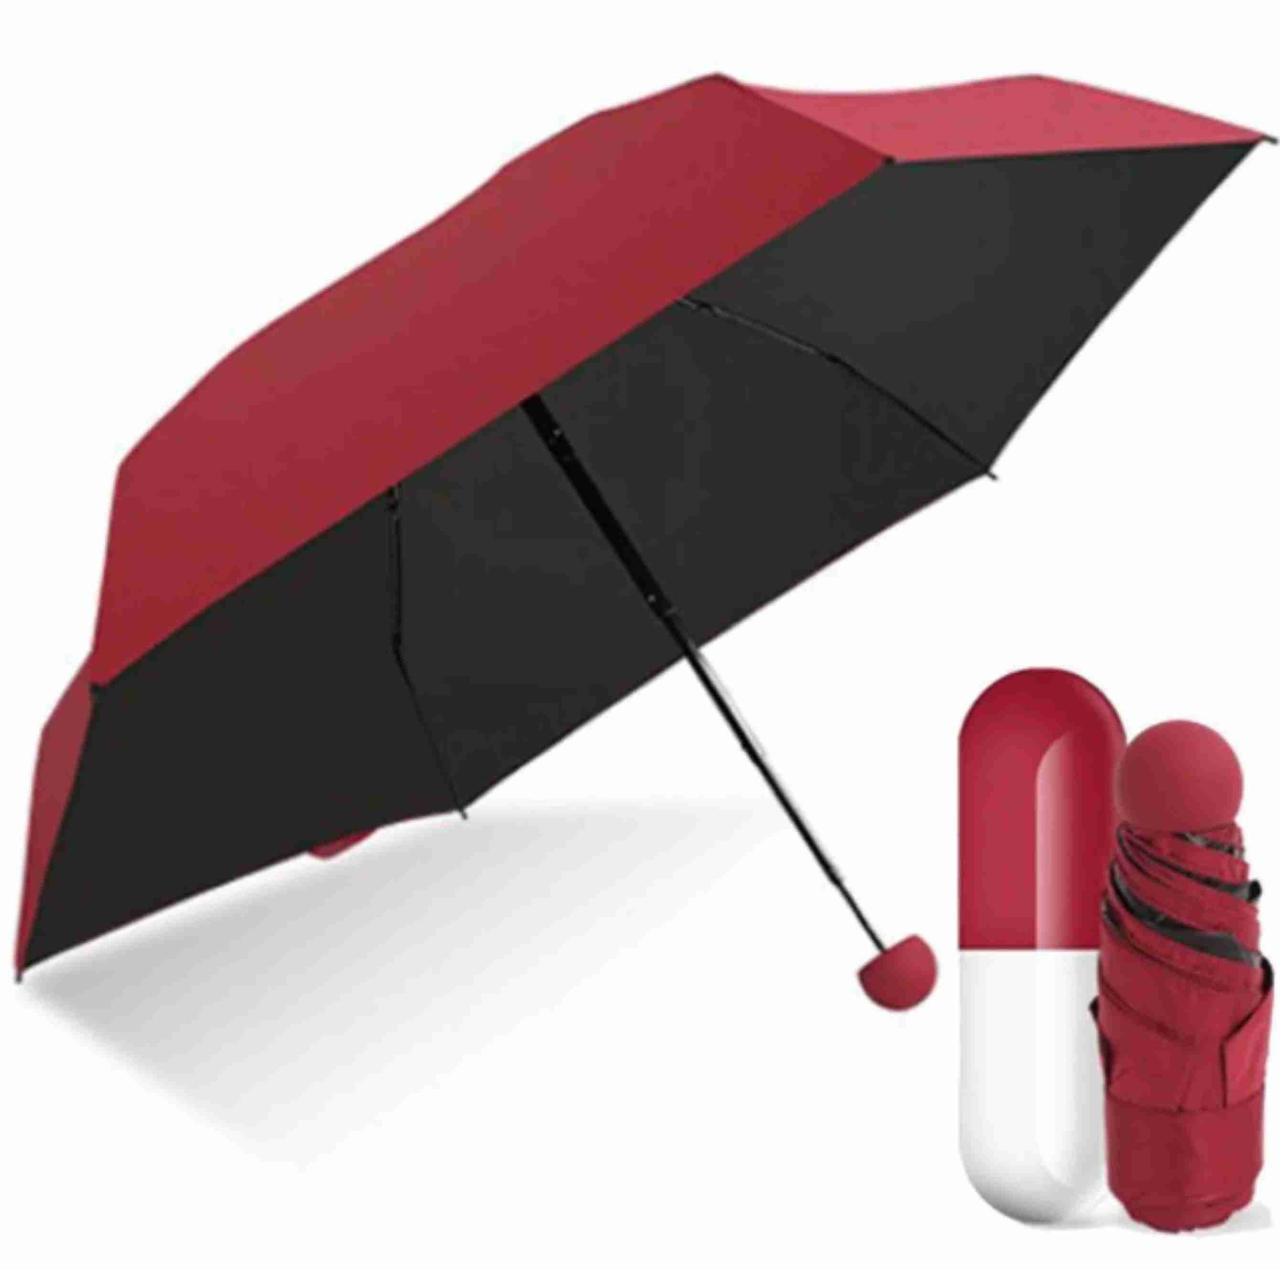 Зонтик одноцветной Зонтик-капсула, Бордовый Складной механический зонт, Мини зонт капсула, карманный зонт